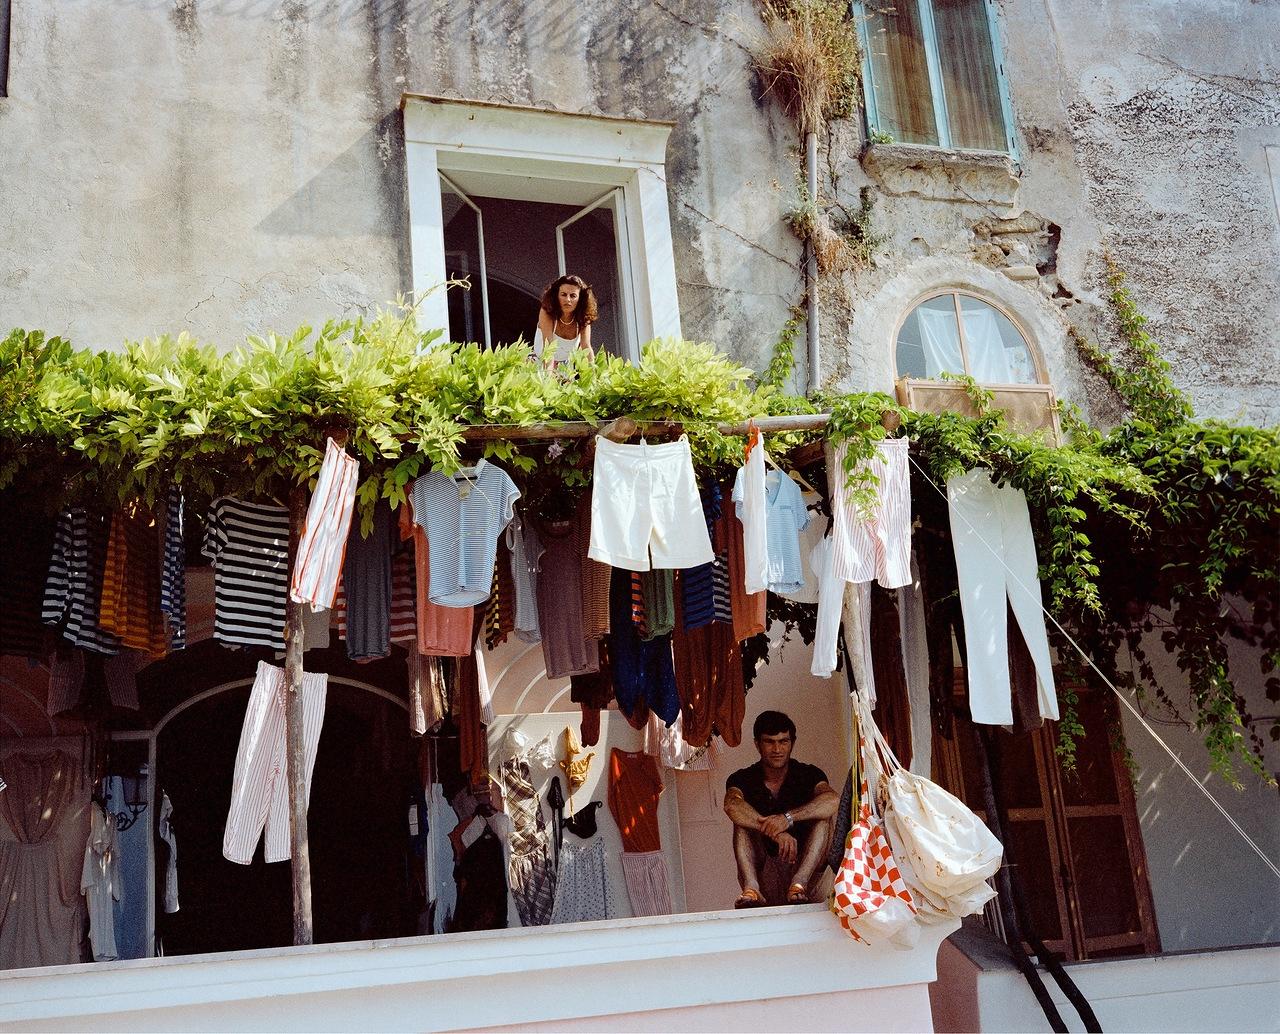 Cладкая жизнь Италии восьмидесятых